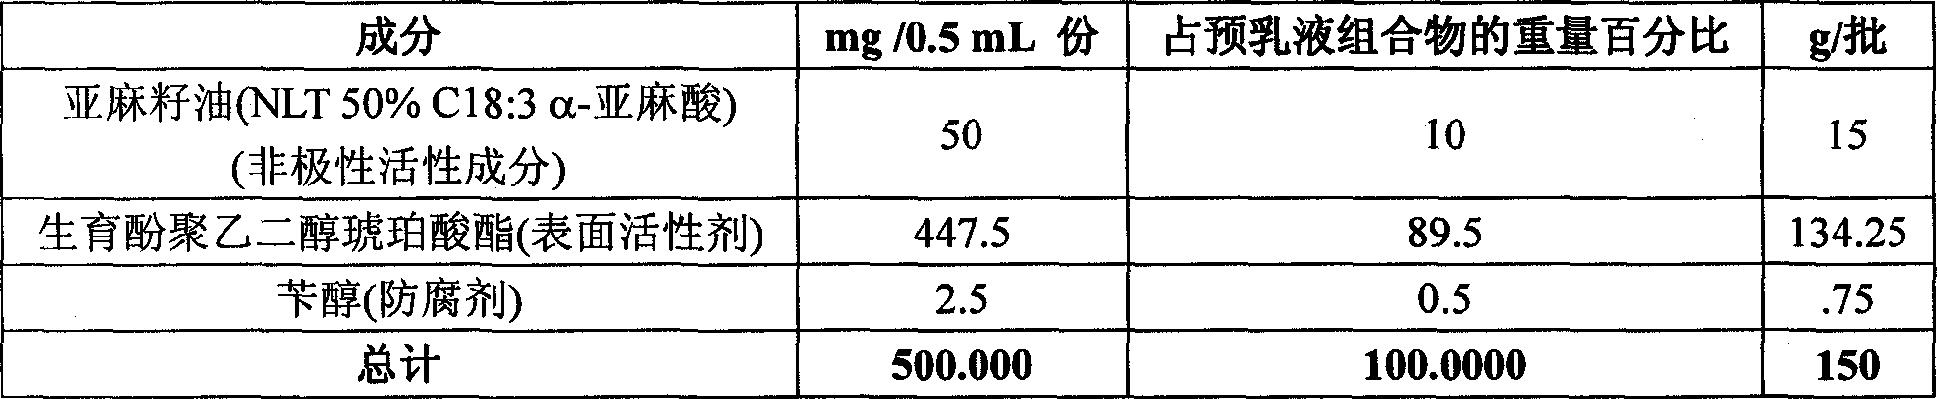 Figure CN102036661BD00852